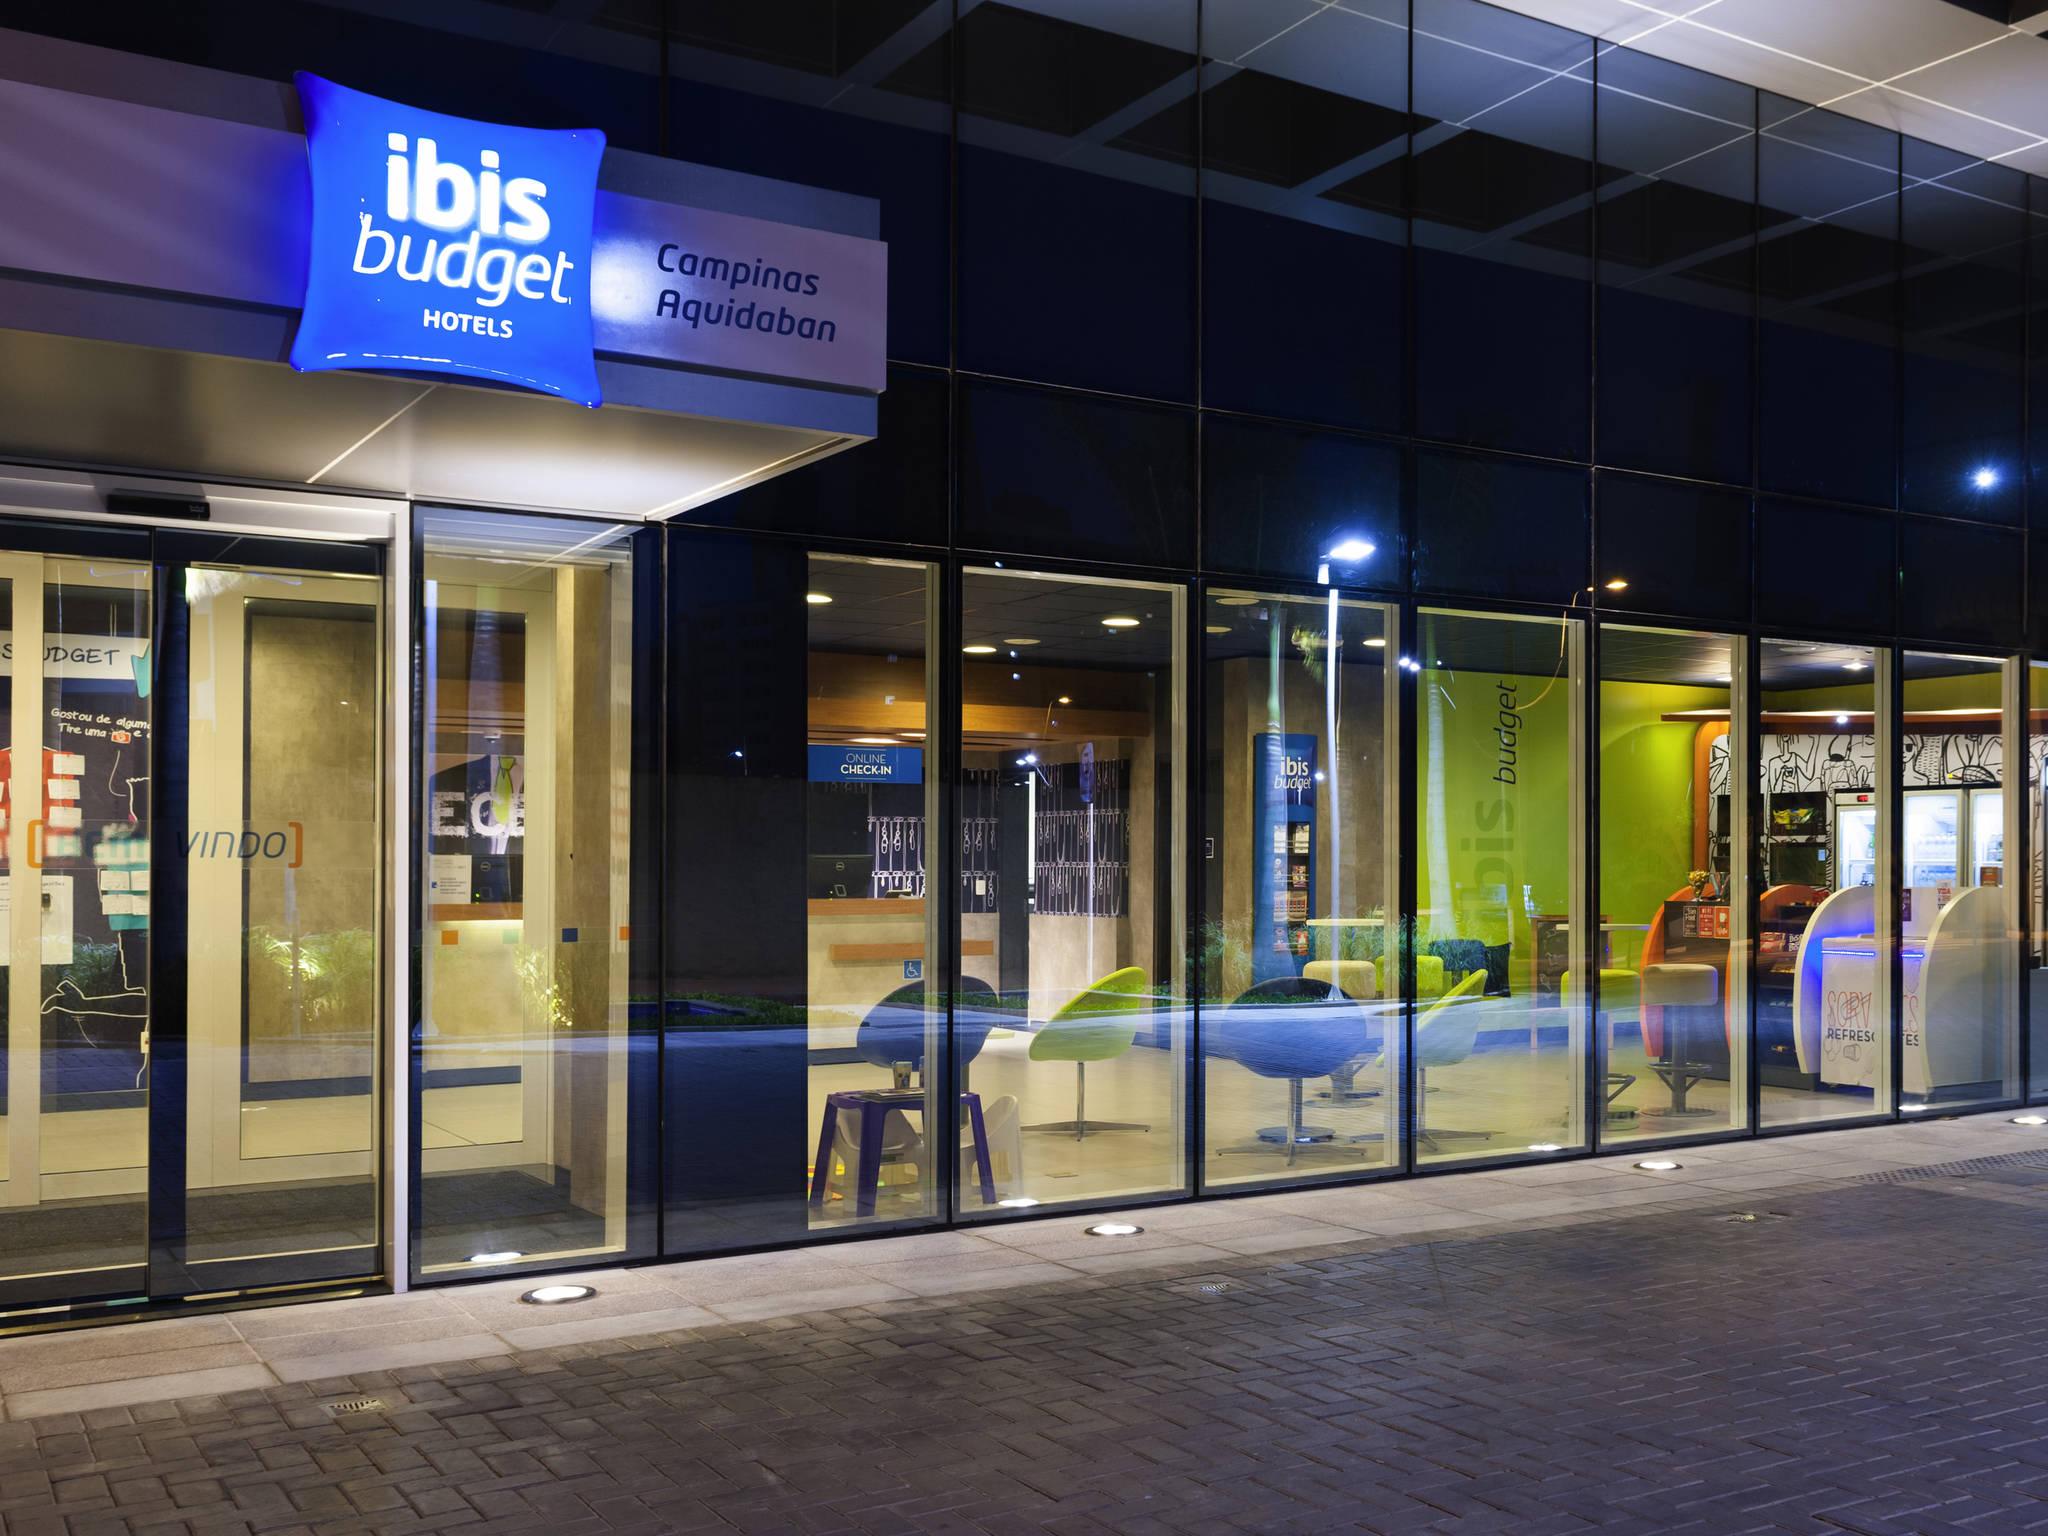 호텔 – ibis budget Campinas Aquidaban